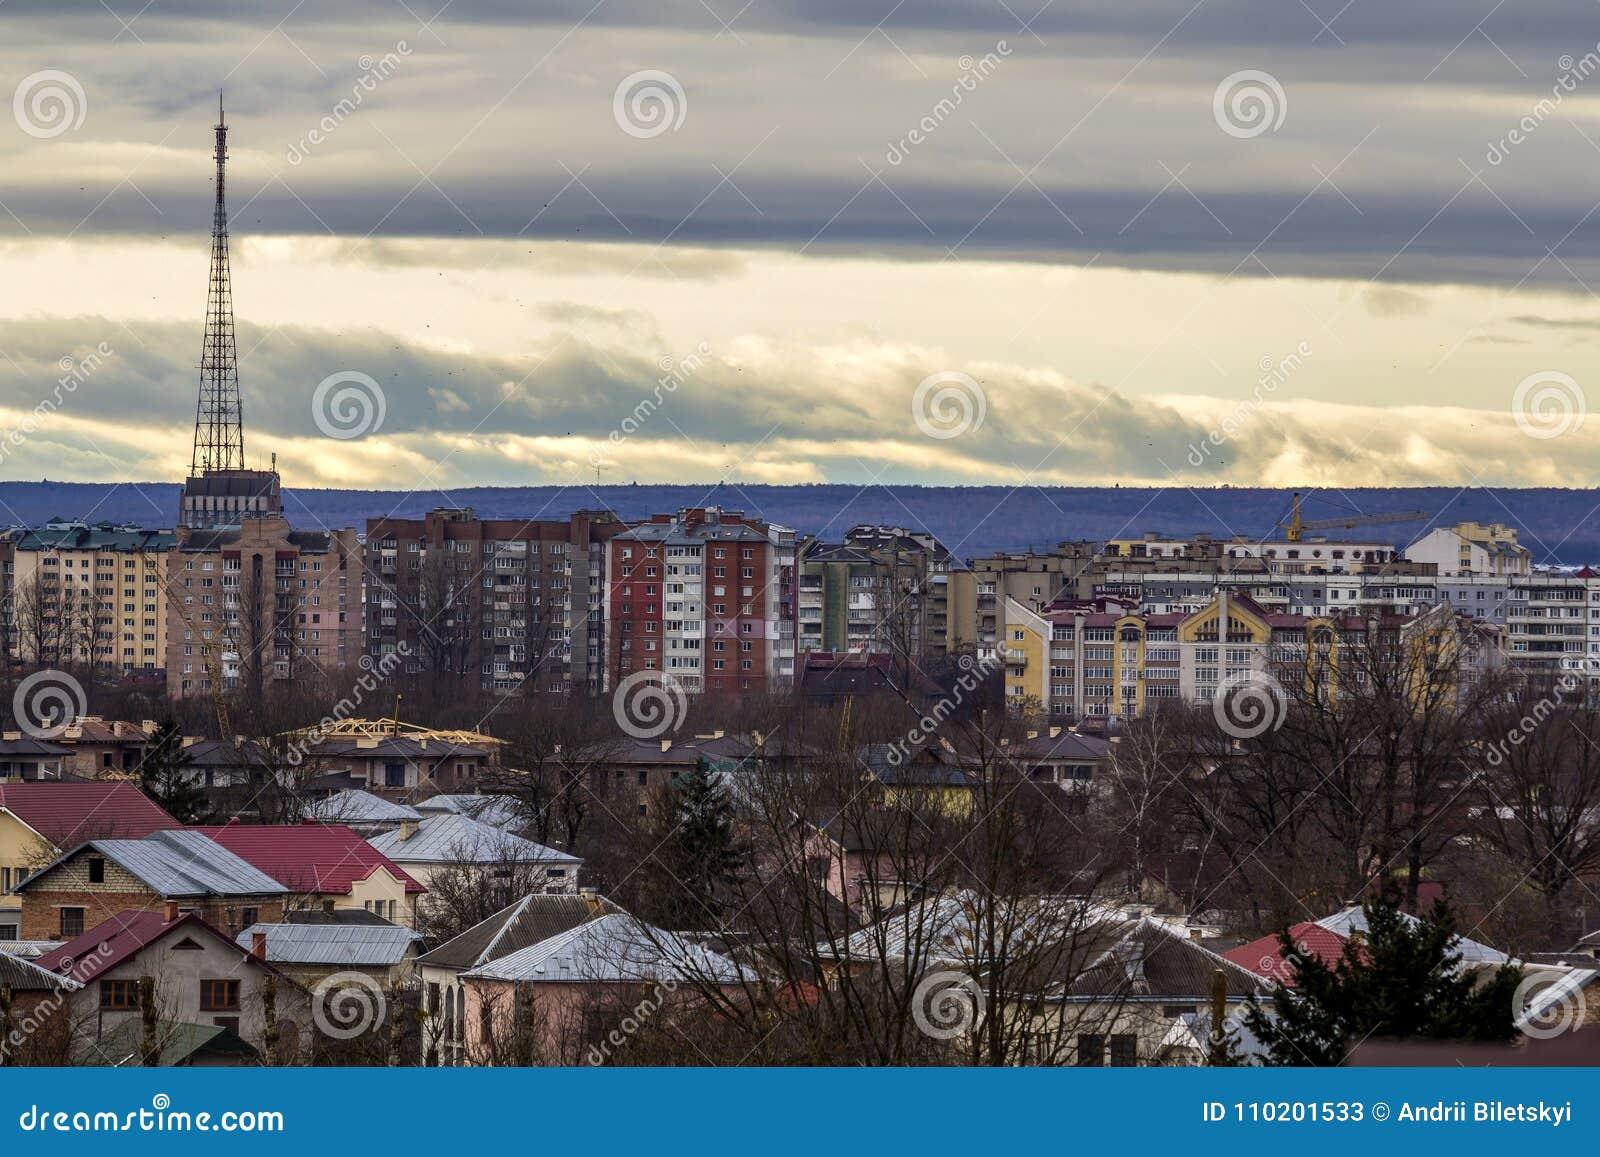 Vista aérea da cidade de Ivano-Frankivsk, Ucrânia com construções altas